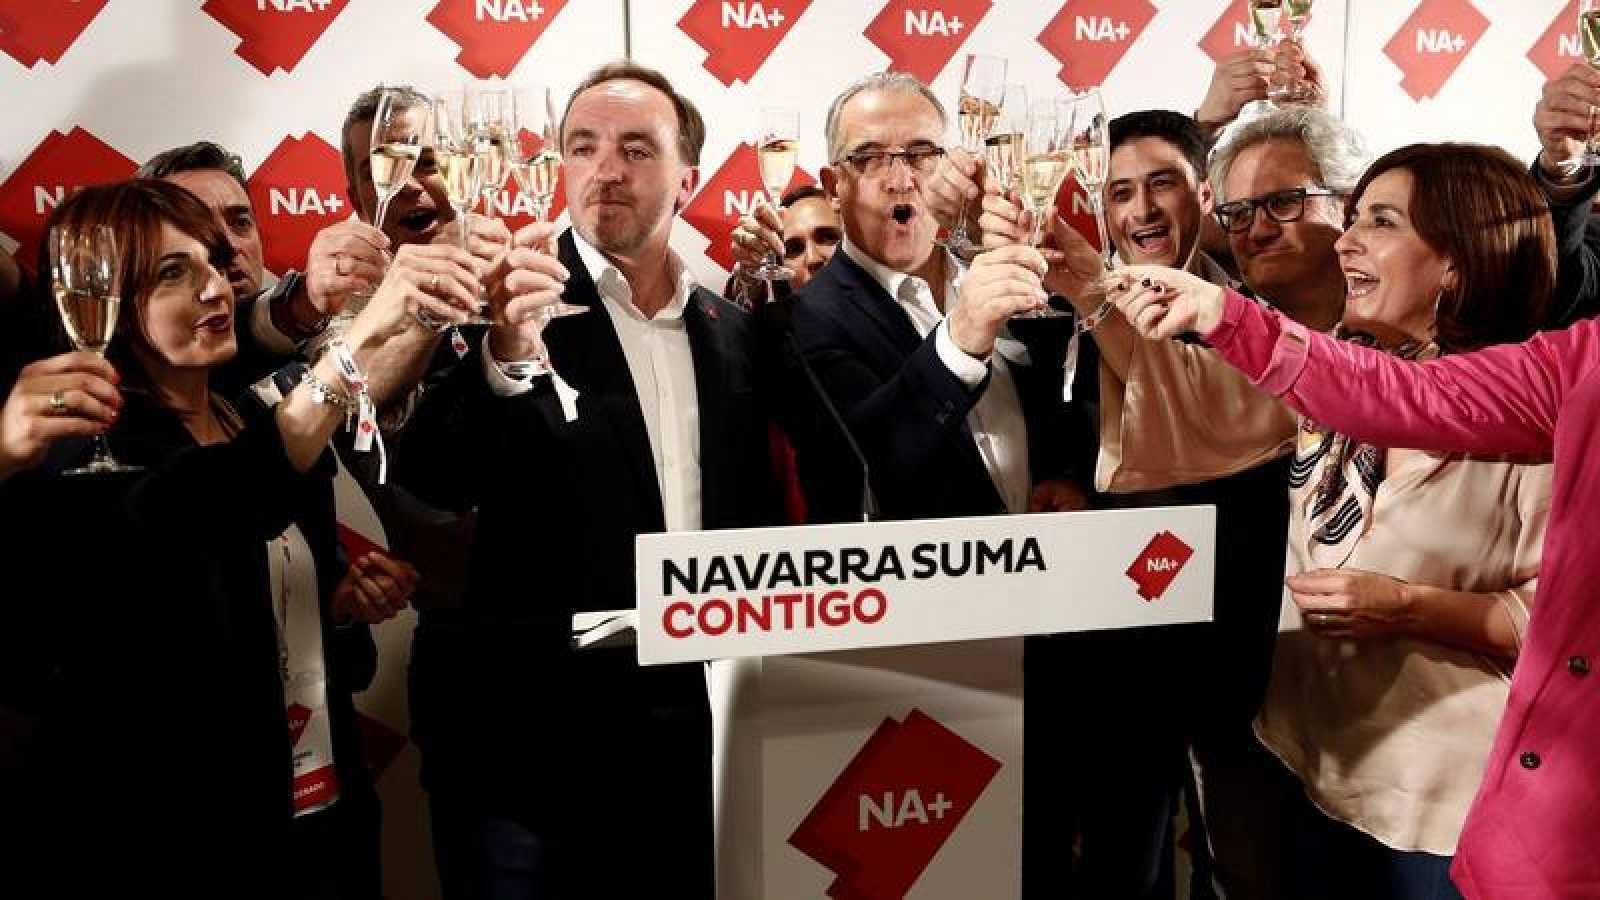 Los candidatos de Navarra Suma a la presidencia del Gobierno de Navarra y al Ayuntamiento de Pamplona Javier Esparza y Enrique Maya